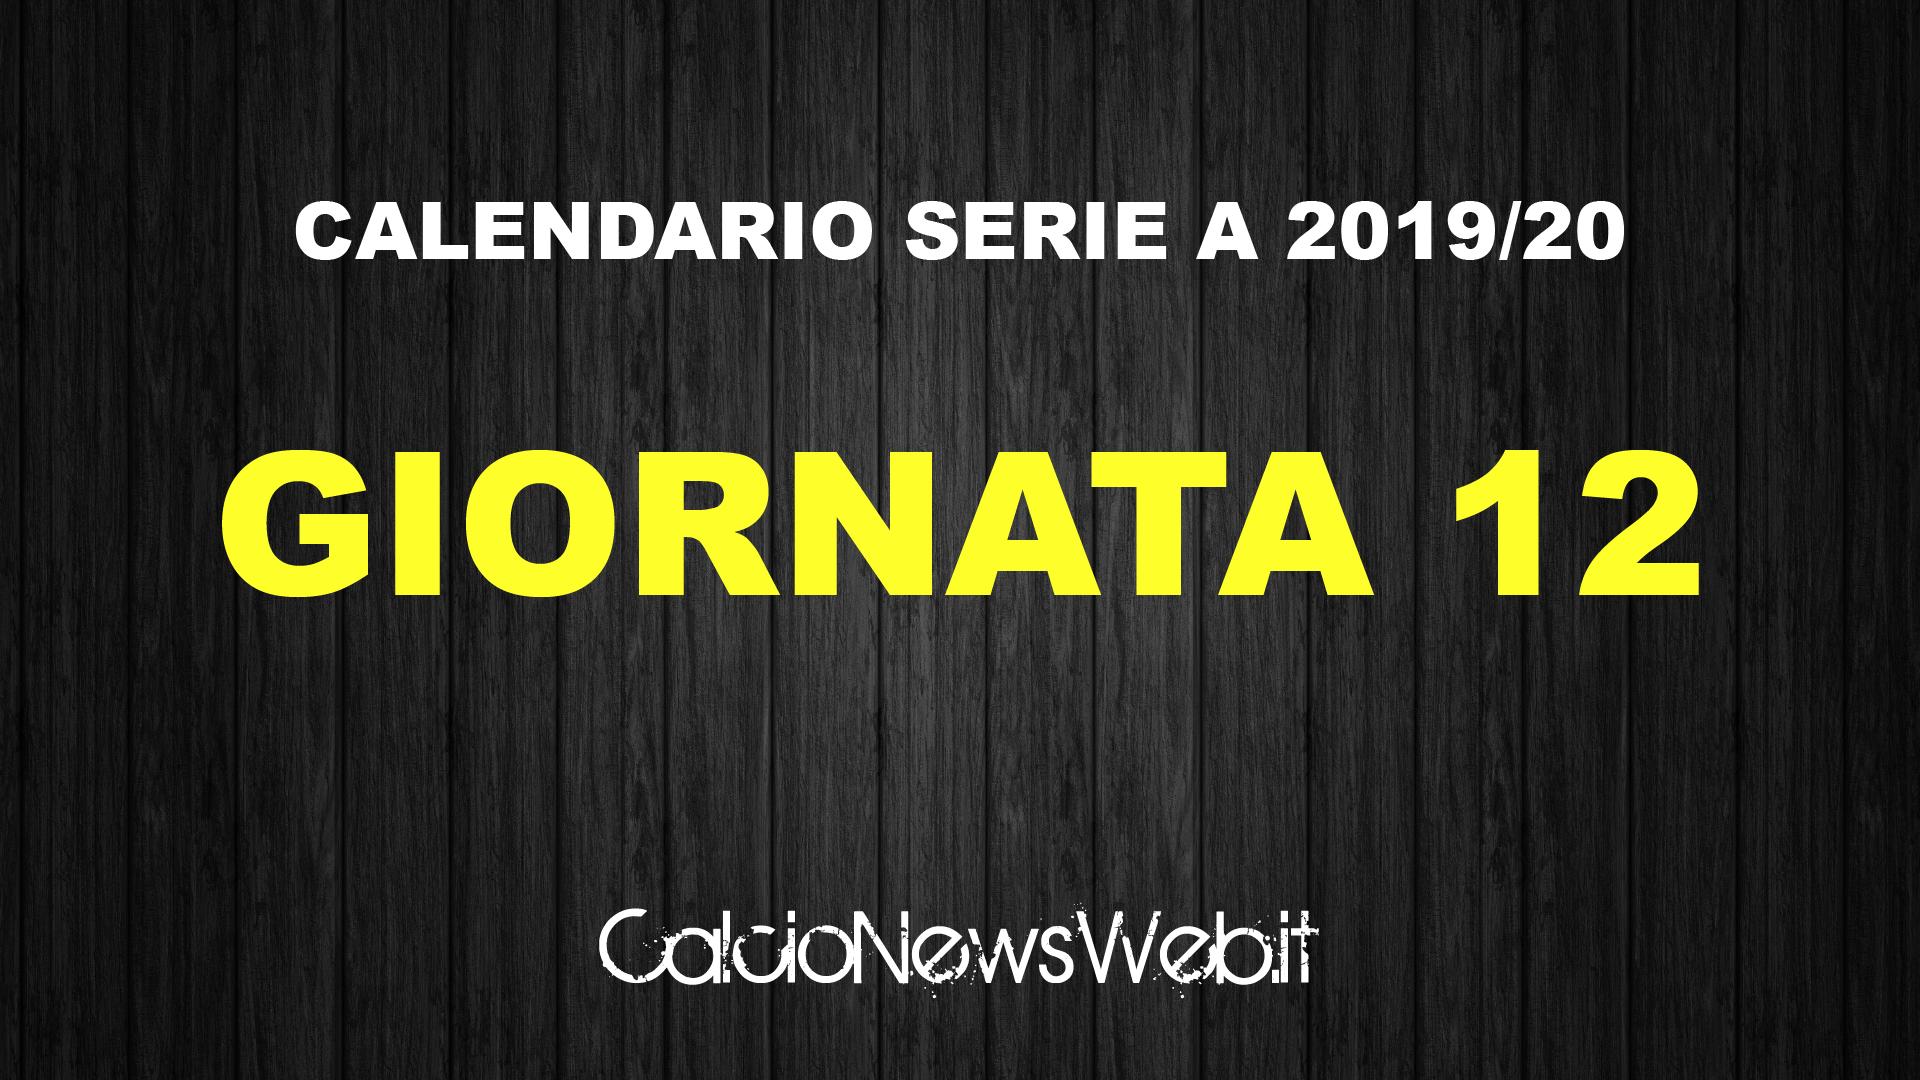 Calendario Serie A 12 Giornata.Calendario Serie A Ecco Le Partite Della Dodicesima